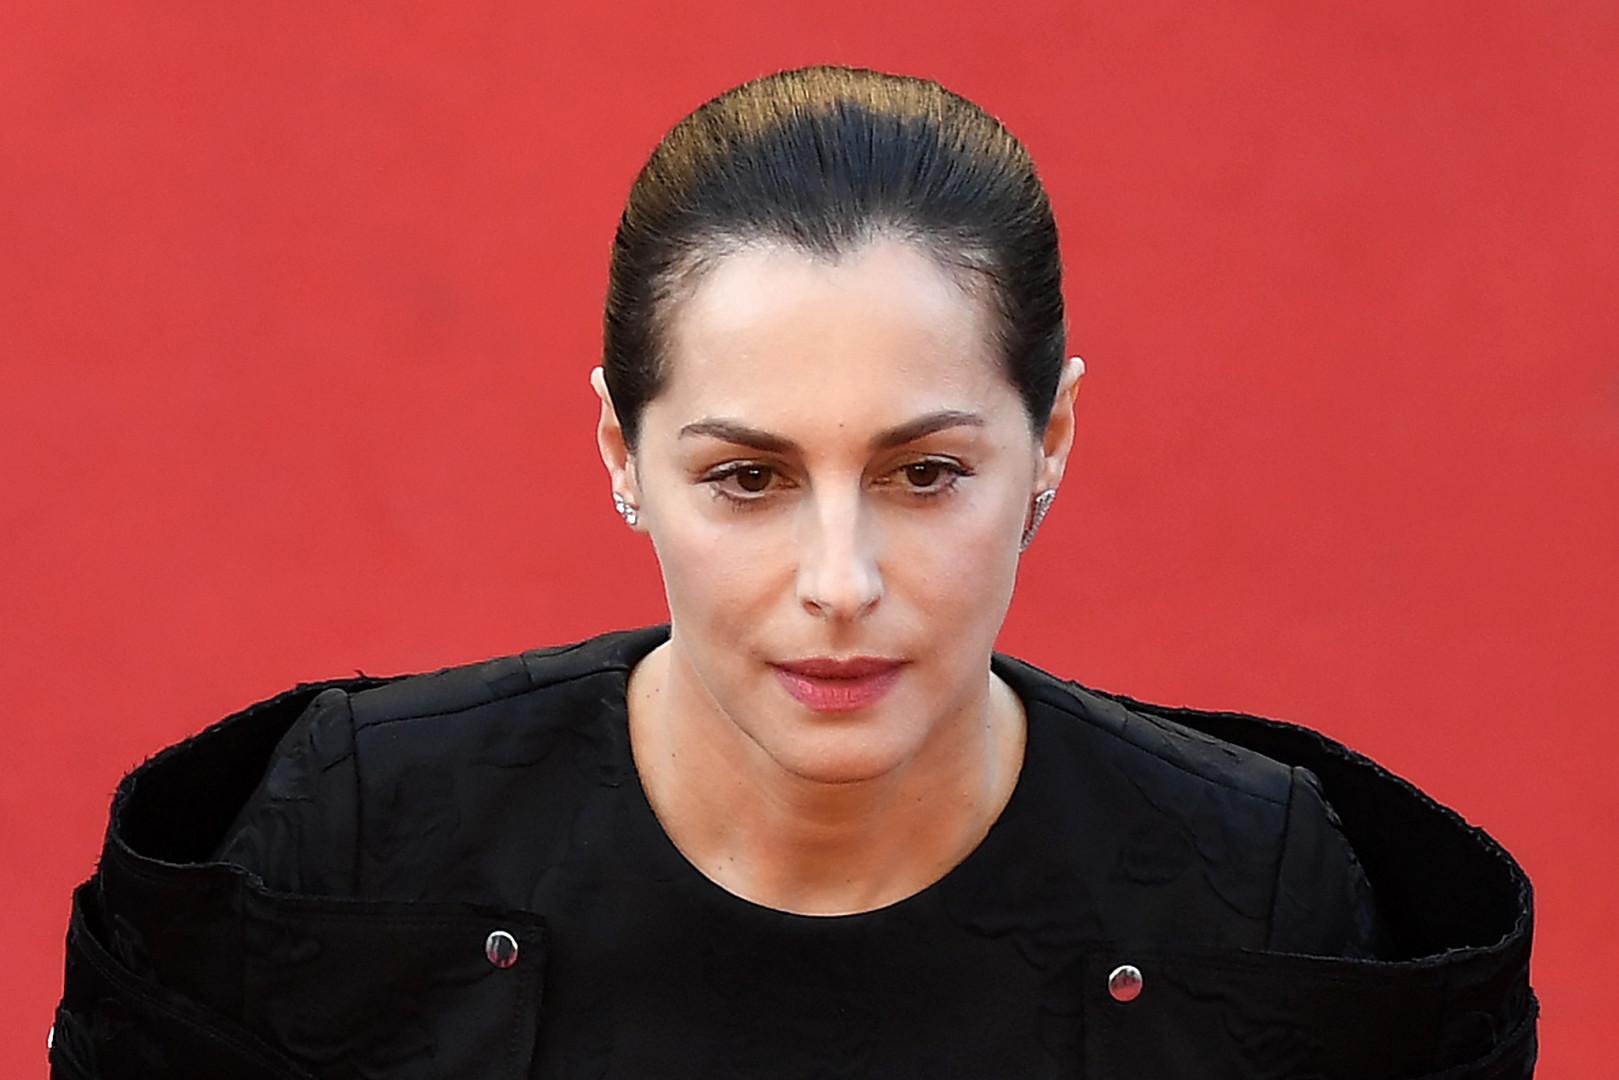 L'actrice française Amira Casar